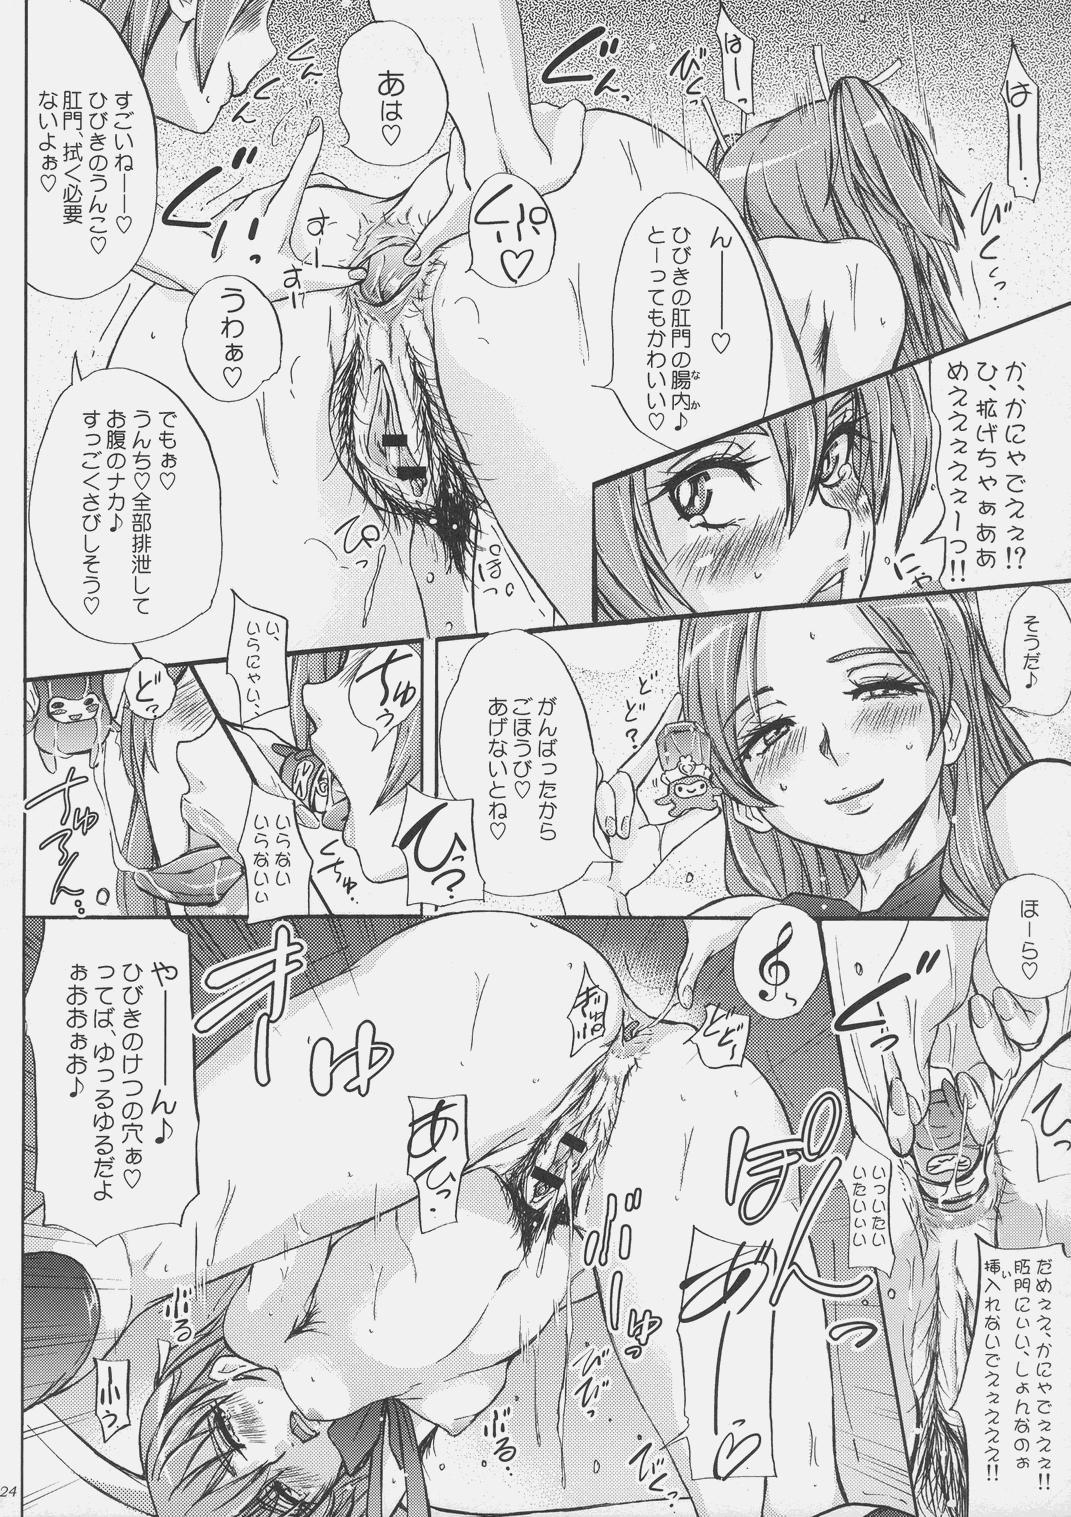 Keiyakusuru nara Anshin to Jisseki no TO-A Mahou Shoujo wo 24